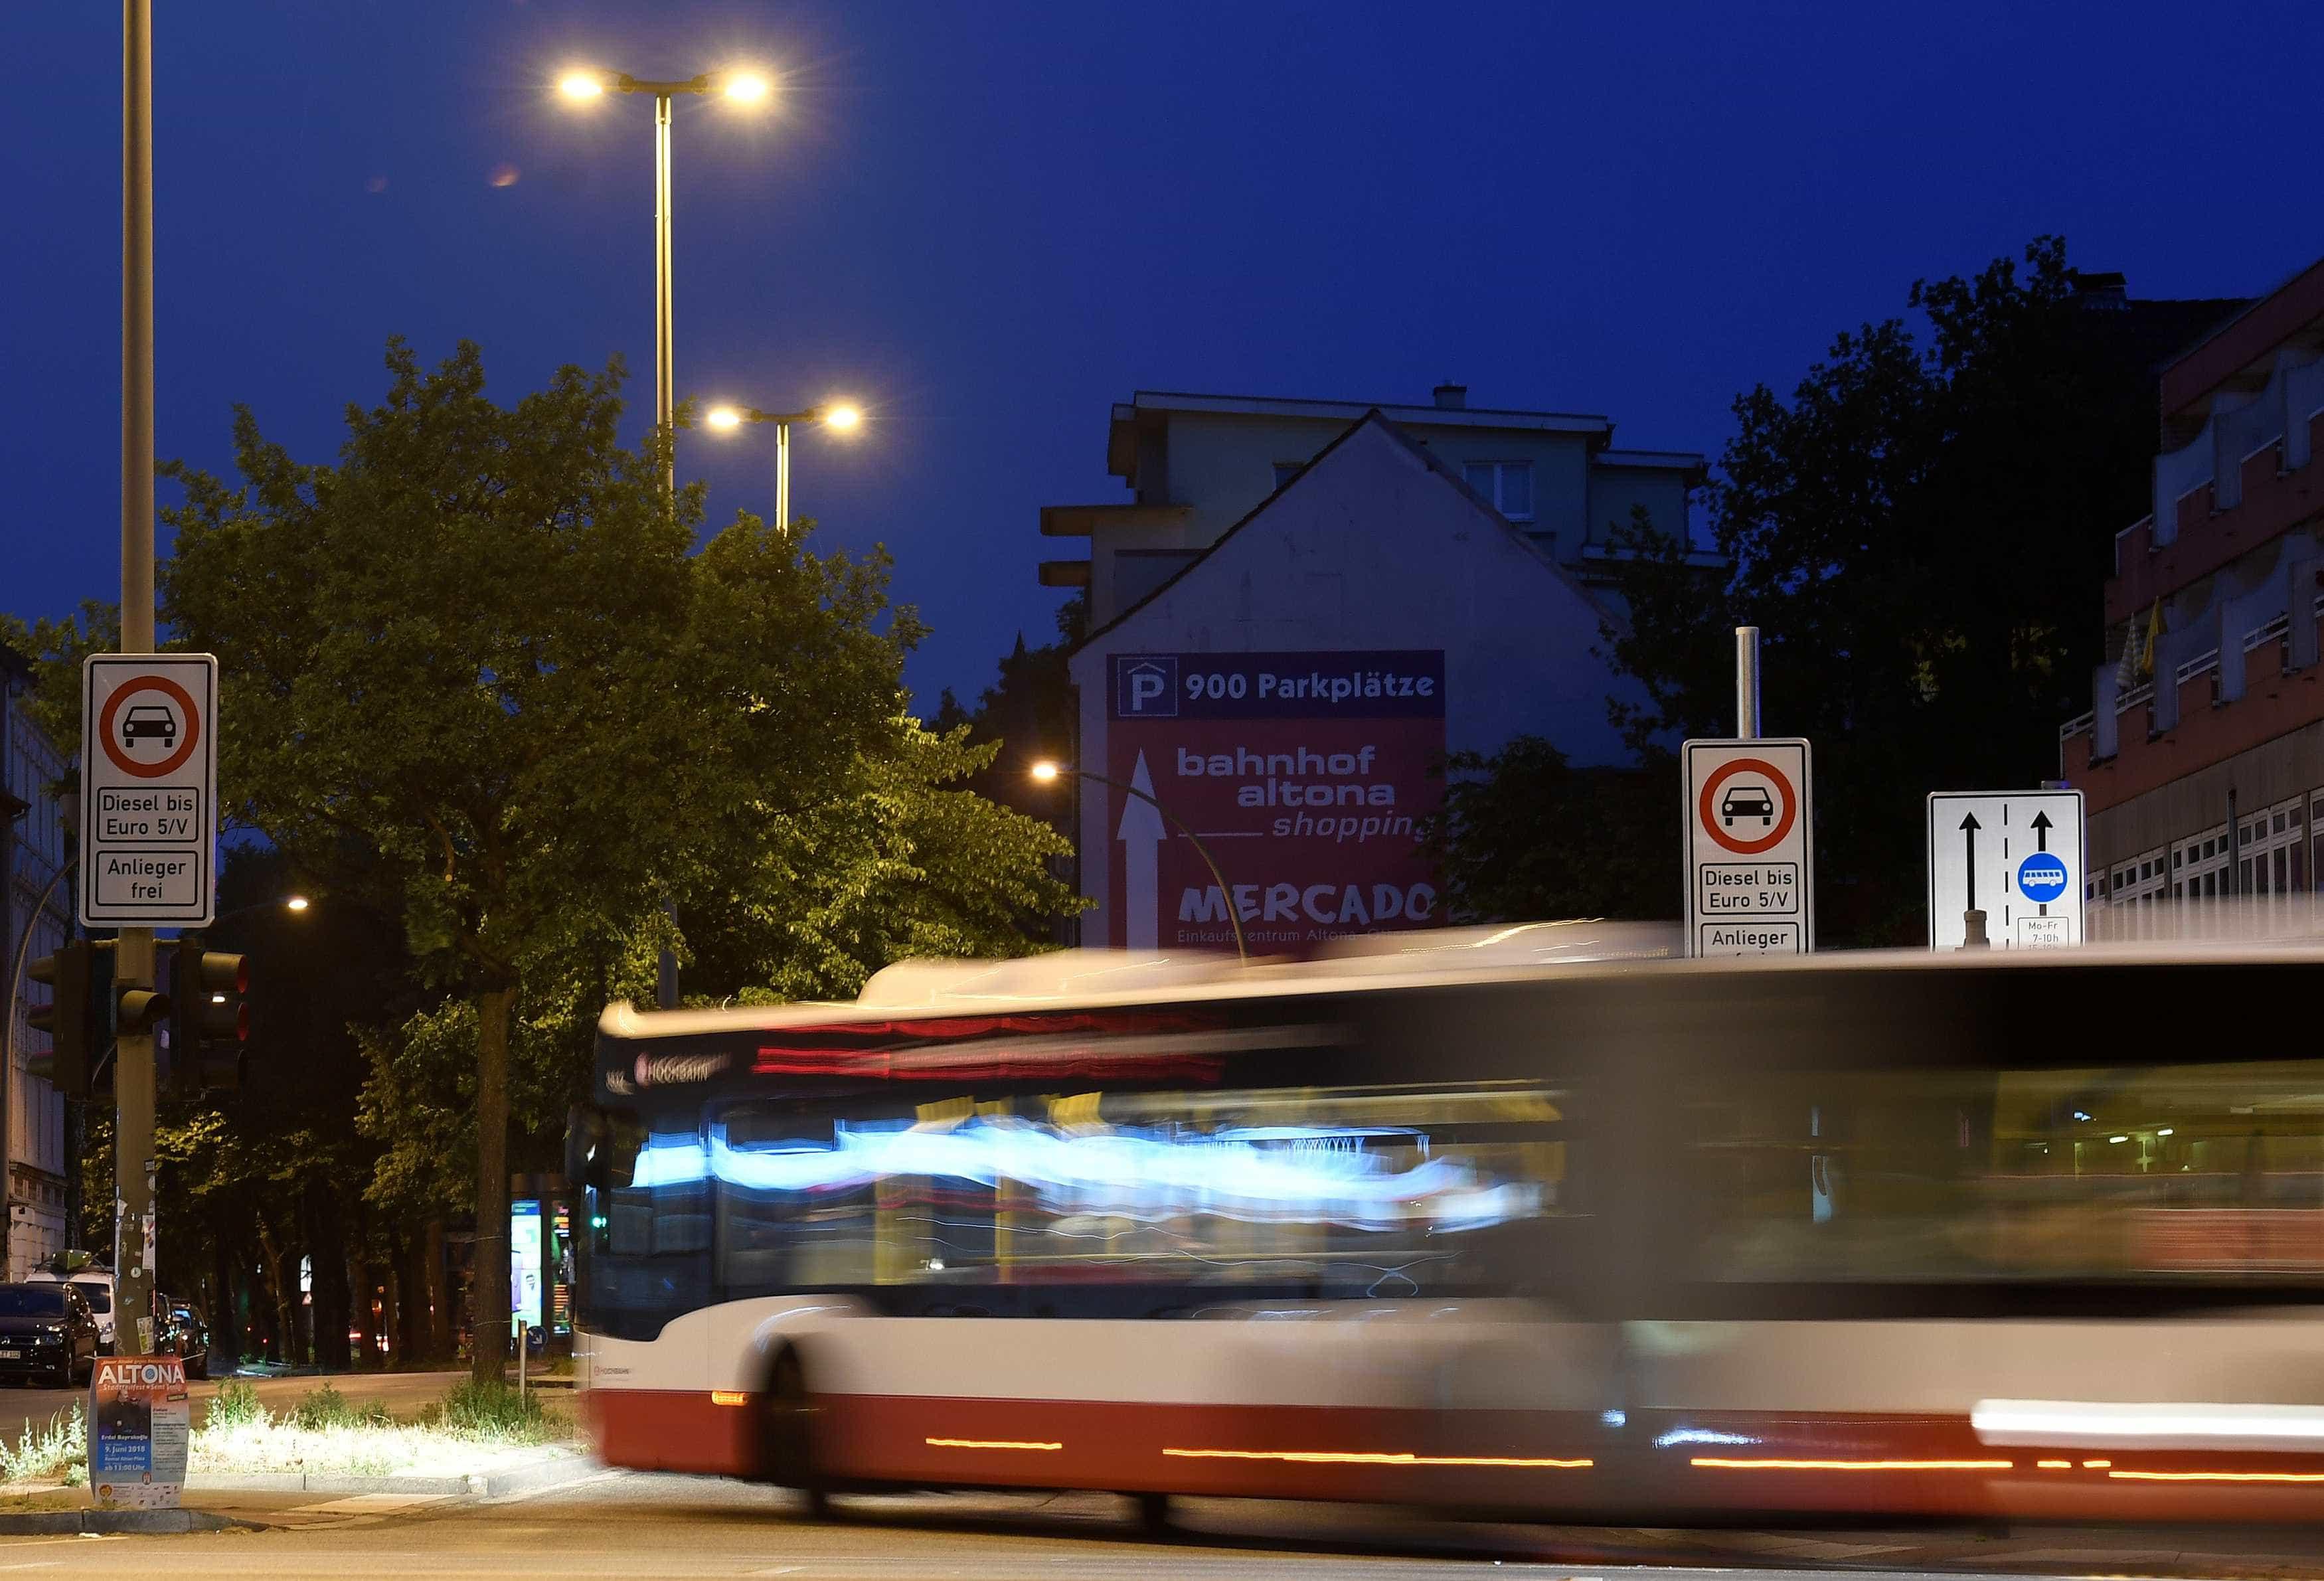 Ataque a faca em ônibus na Alemanha deixa 14 feridos